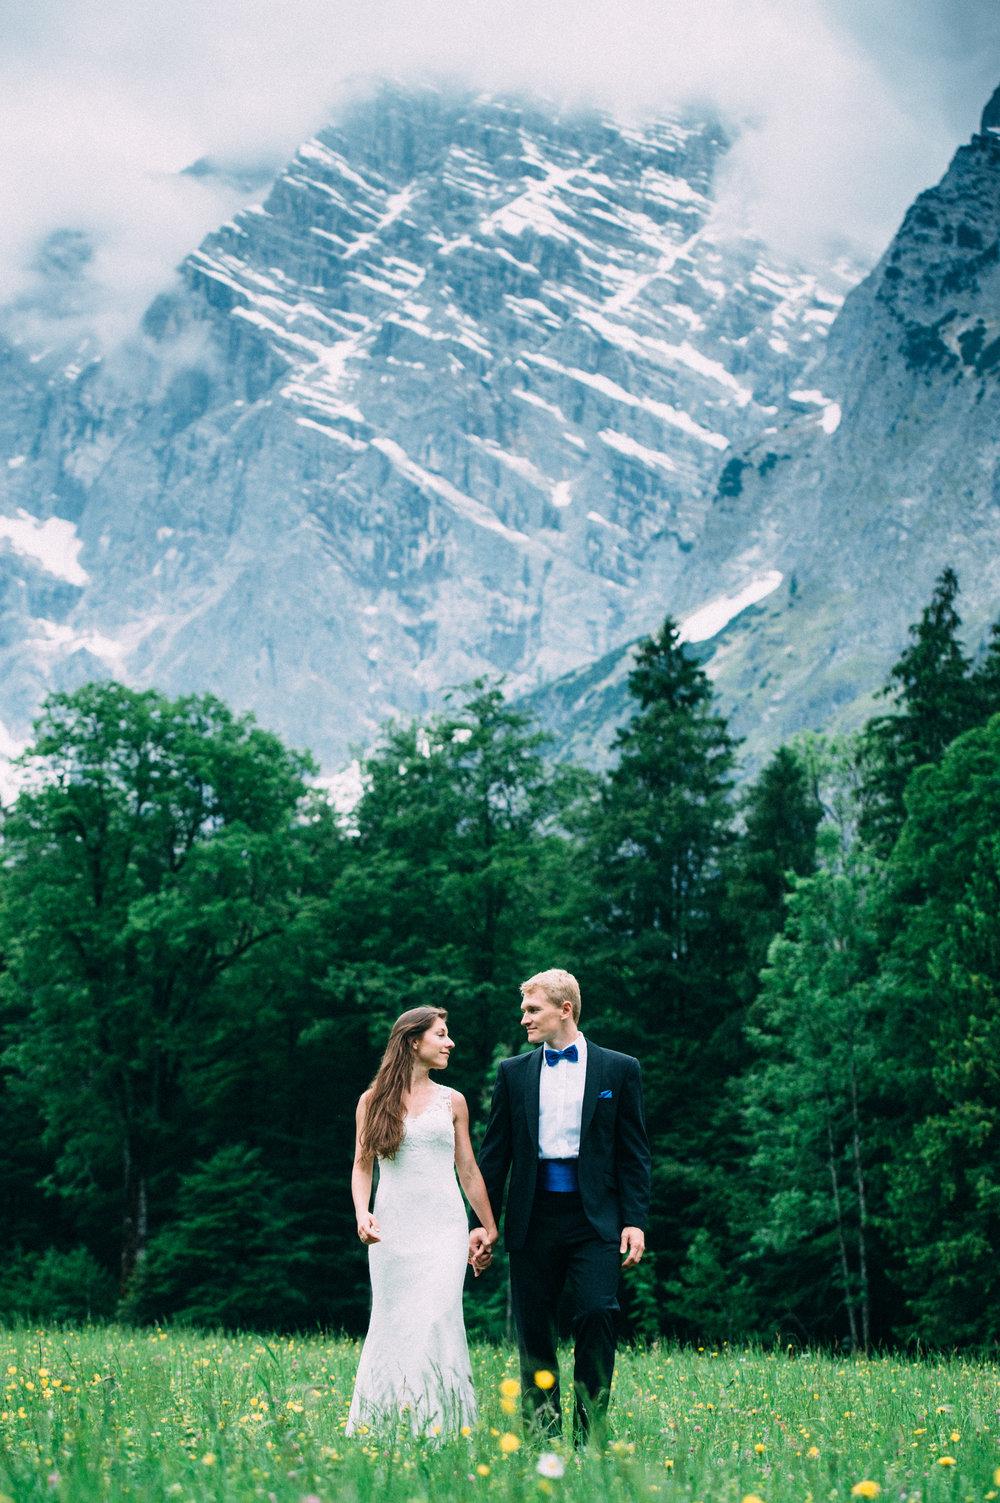 Hochzeit in Alpen.jpg